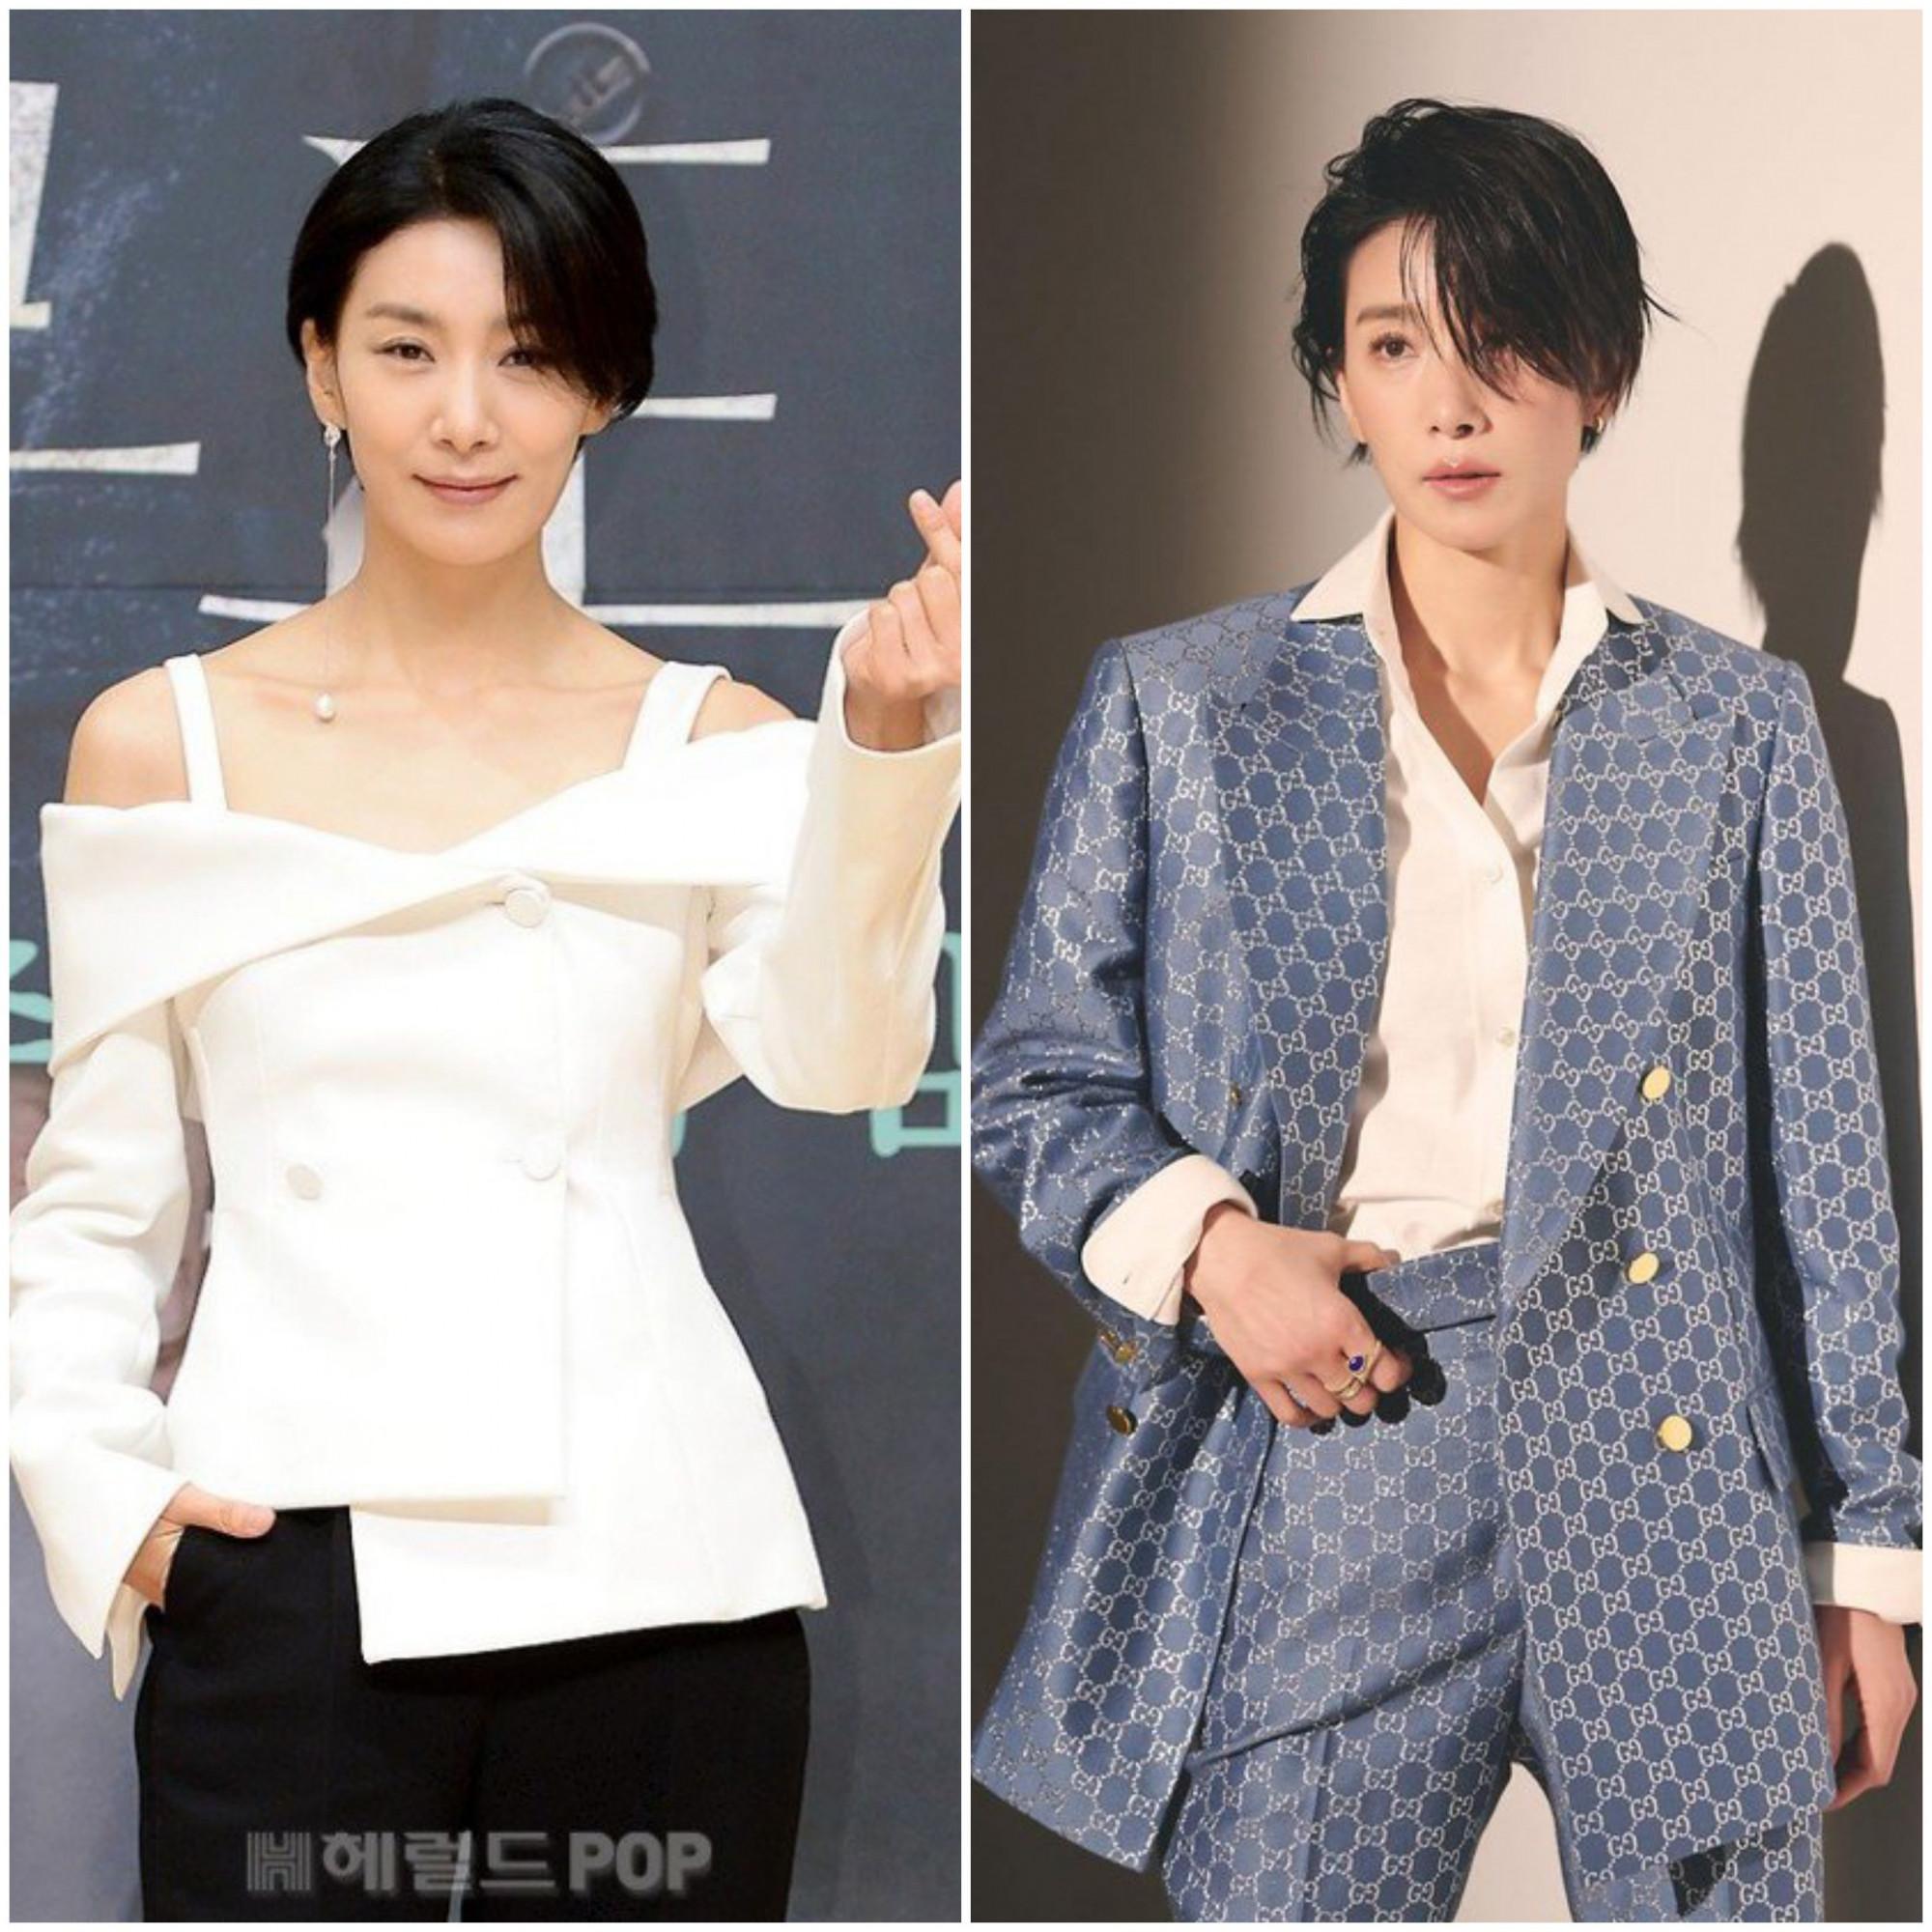 Chính vẻ ngoài cá tính trên càng giúp Kim Seo Hyung tỏa sáng trong các dạng vai phản diện qua loạt phim